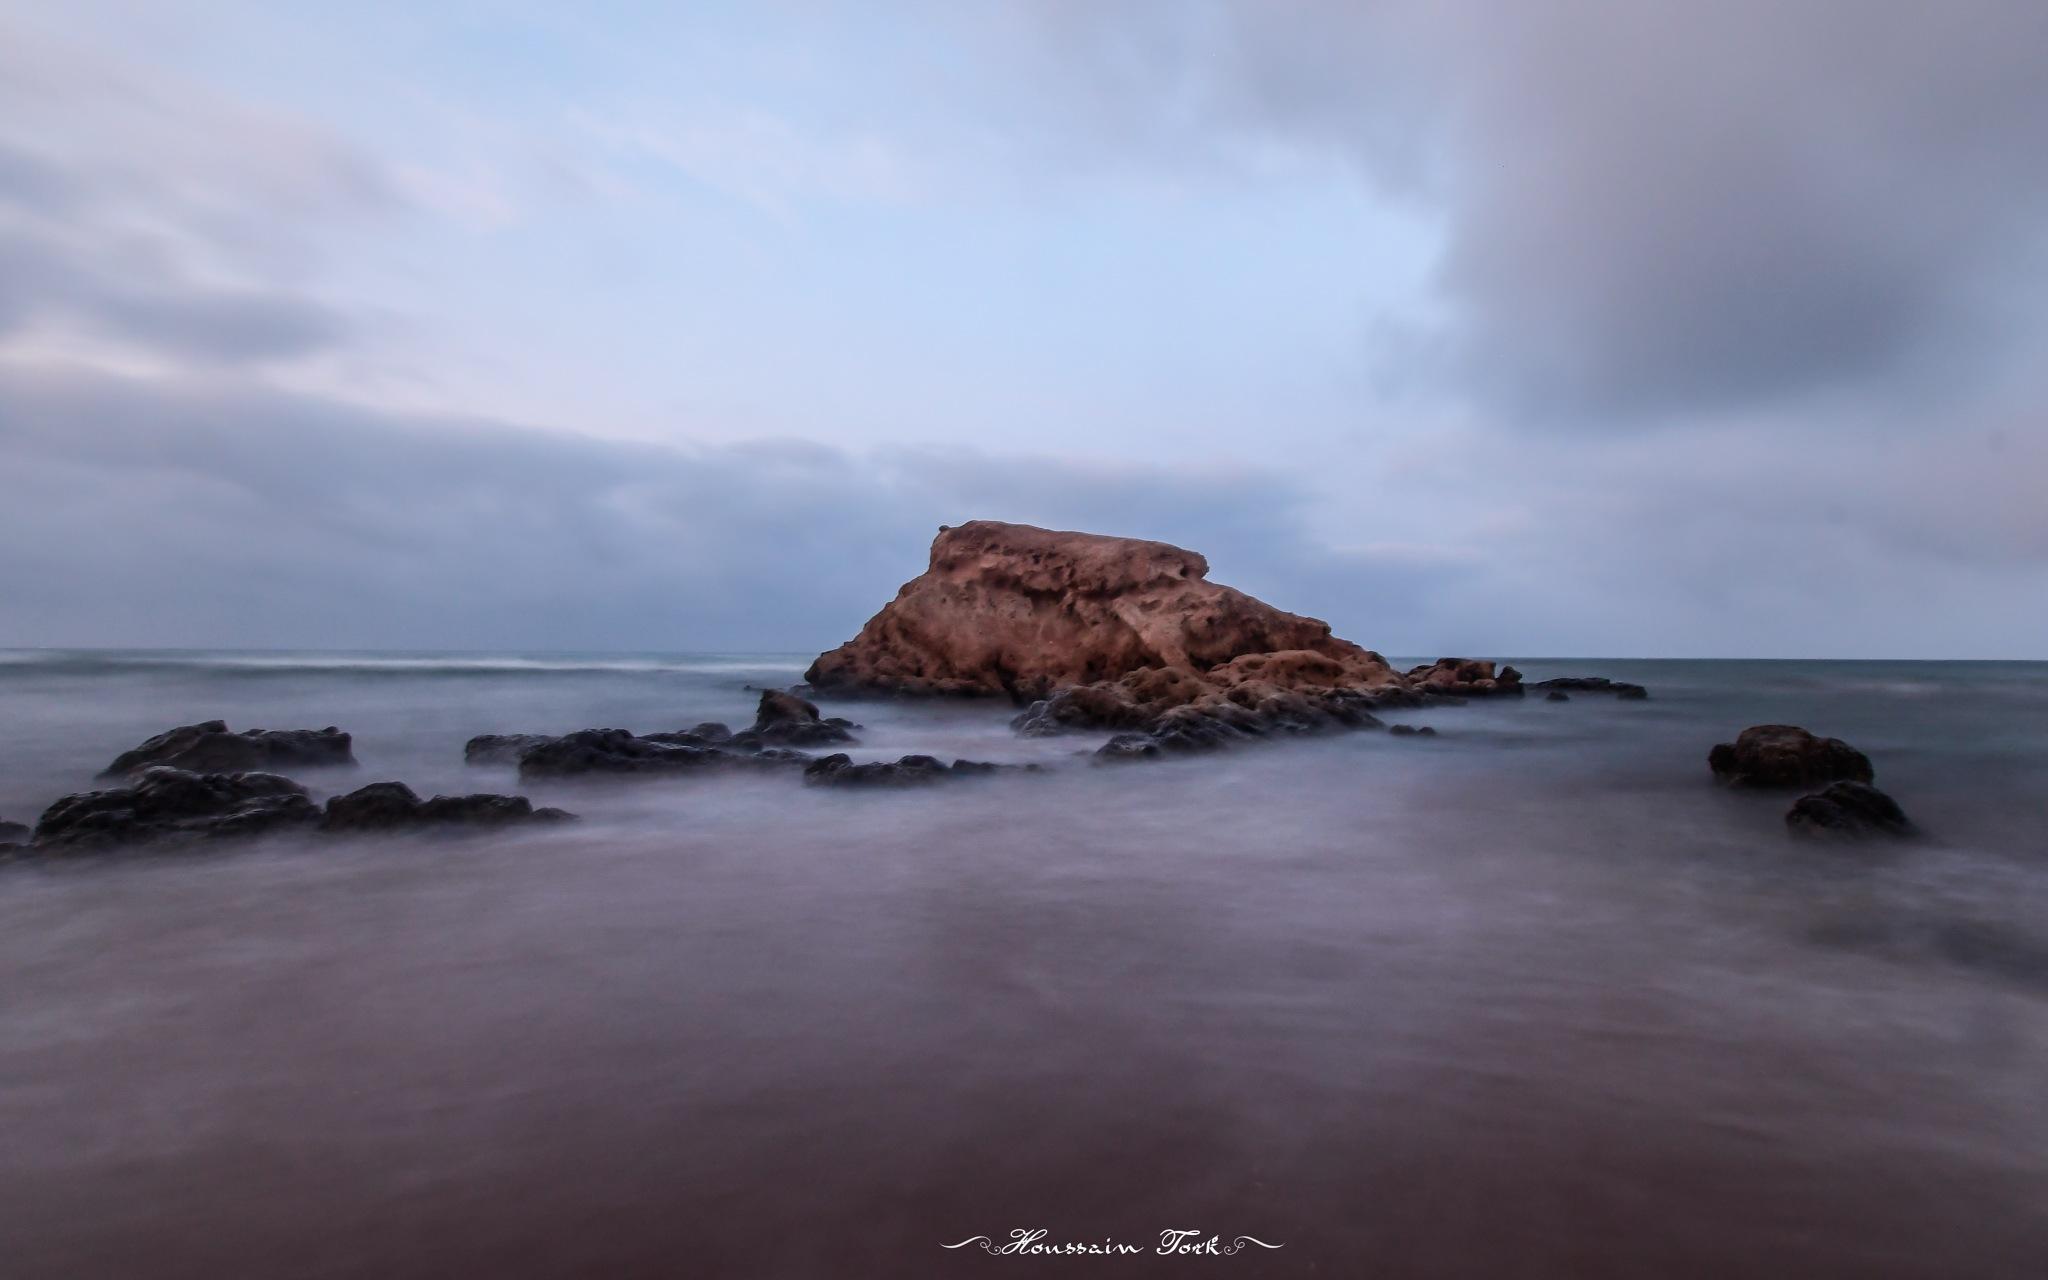 Eng Island by Houssaintork